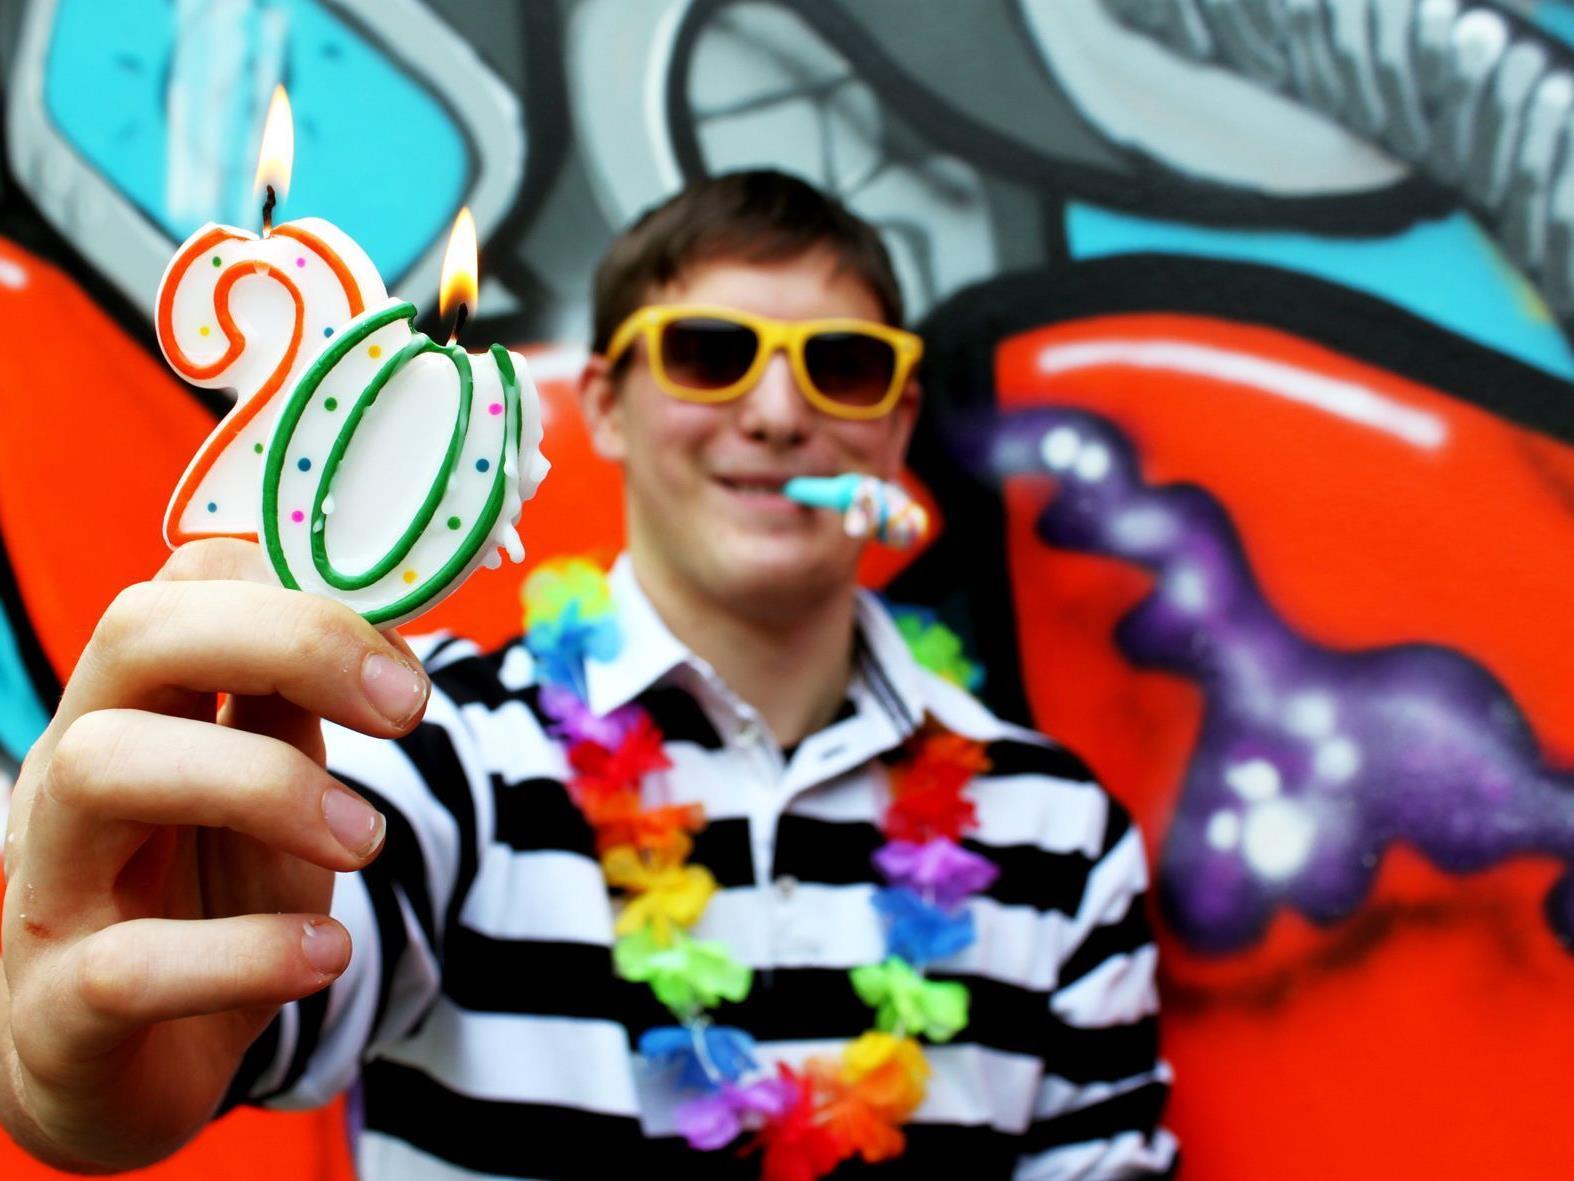 aha – Tipps & Infos für junge Leute feiert 20. Geburtstag und verwöhnt seine Besucher.